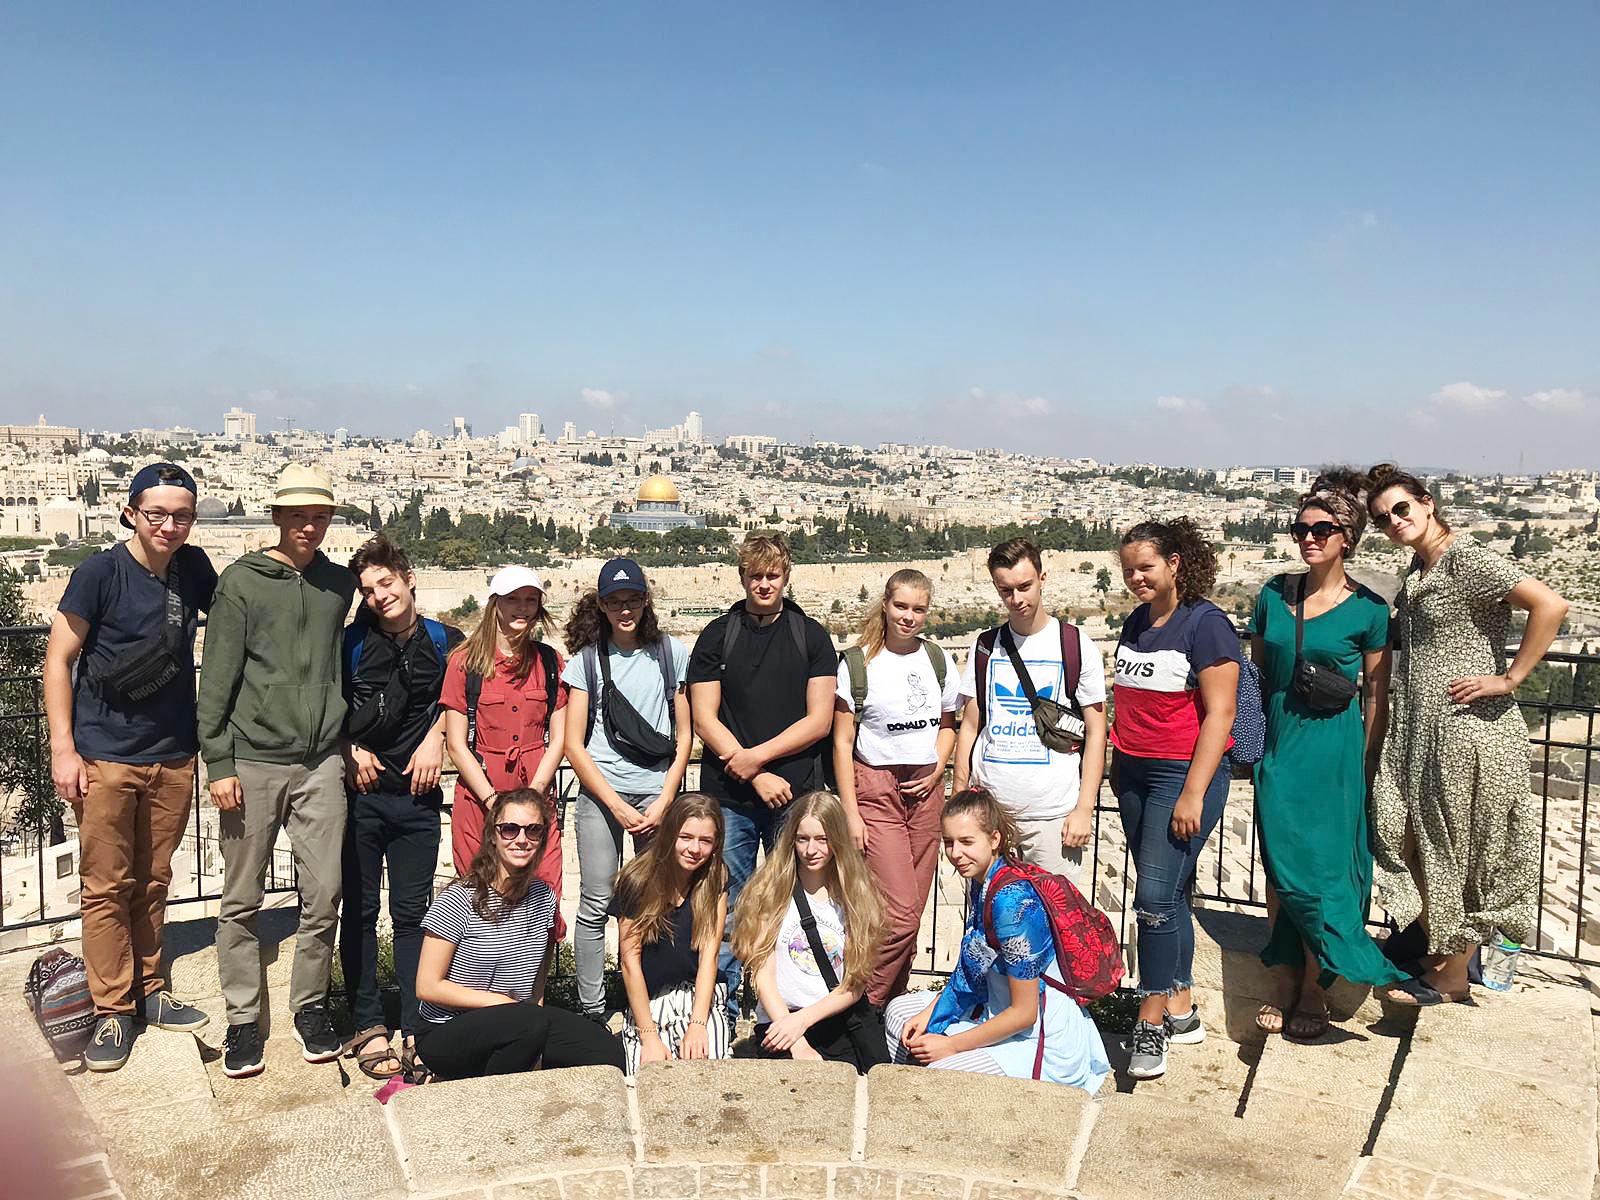 Die deutsche Gruppe in Jerusalem - Jugendaustausch Le Chaim Israel-Belzig